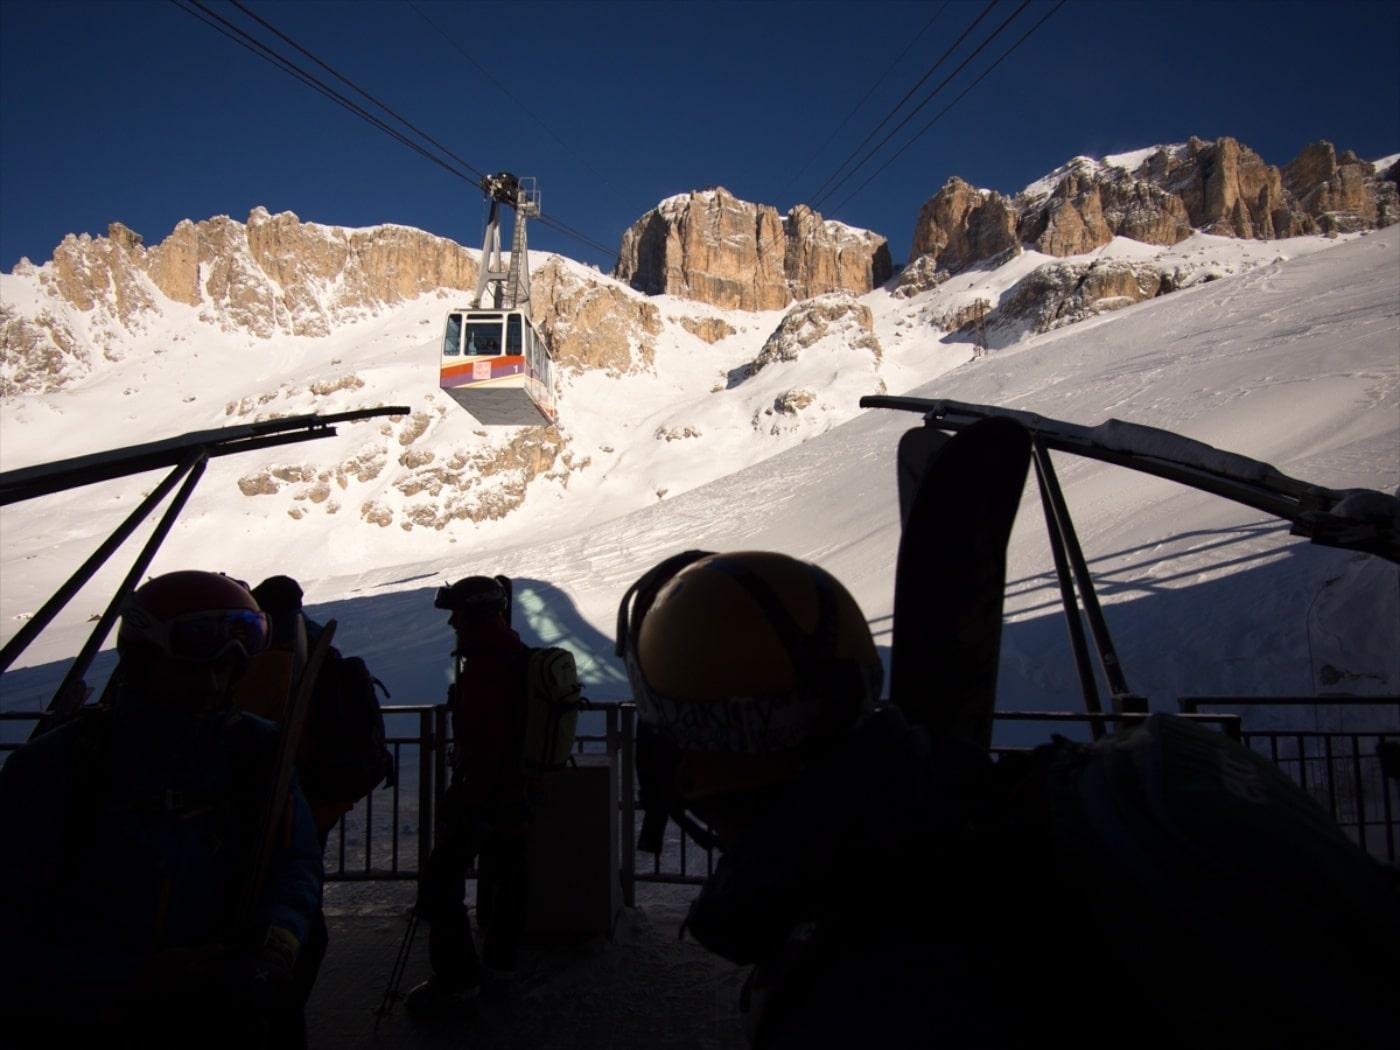 Freeriden in den Dolomiten – perfekte Verhältnisse und malerisches Panorama